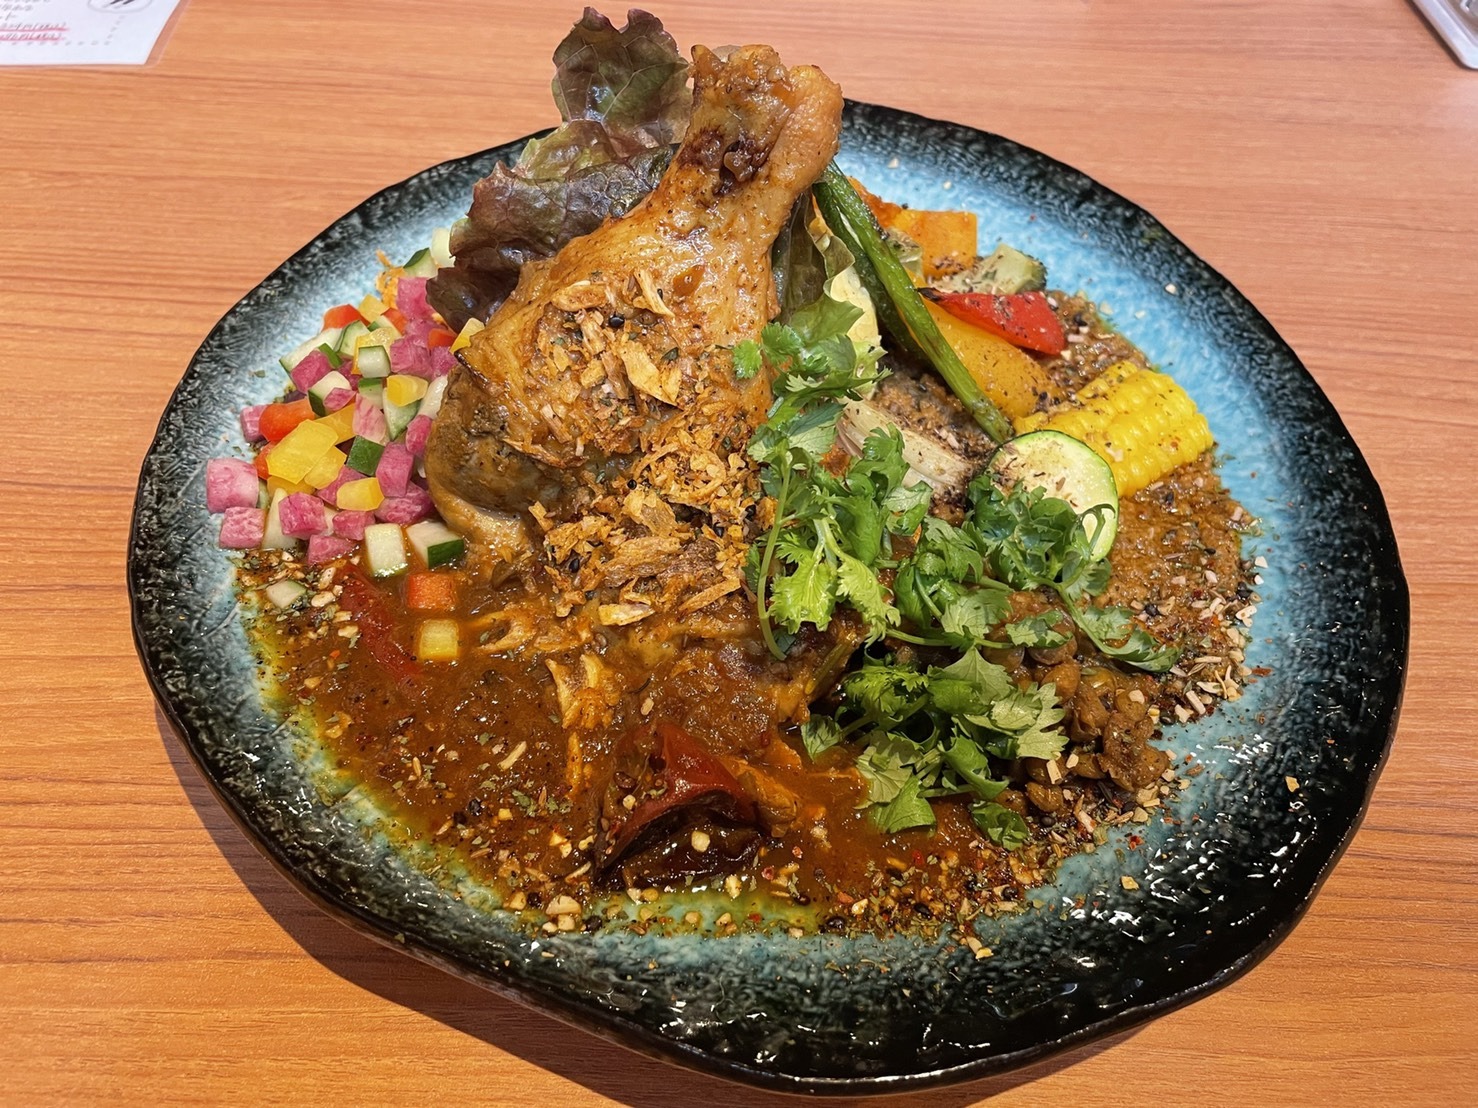 金山|圧巻のビジュアル!ナイフとフォークで食べる新感覚スパイス骨付き肉カレー